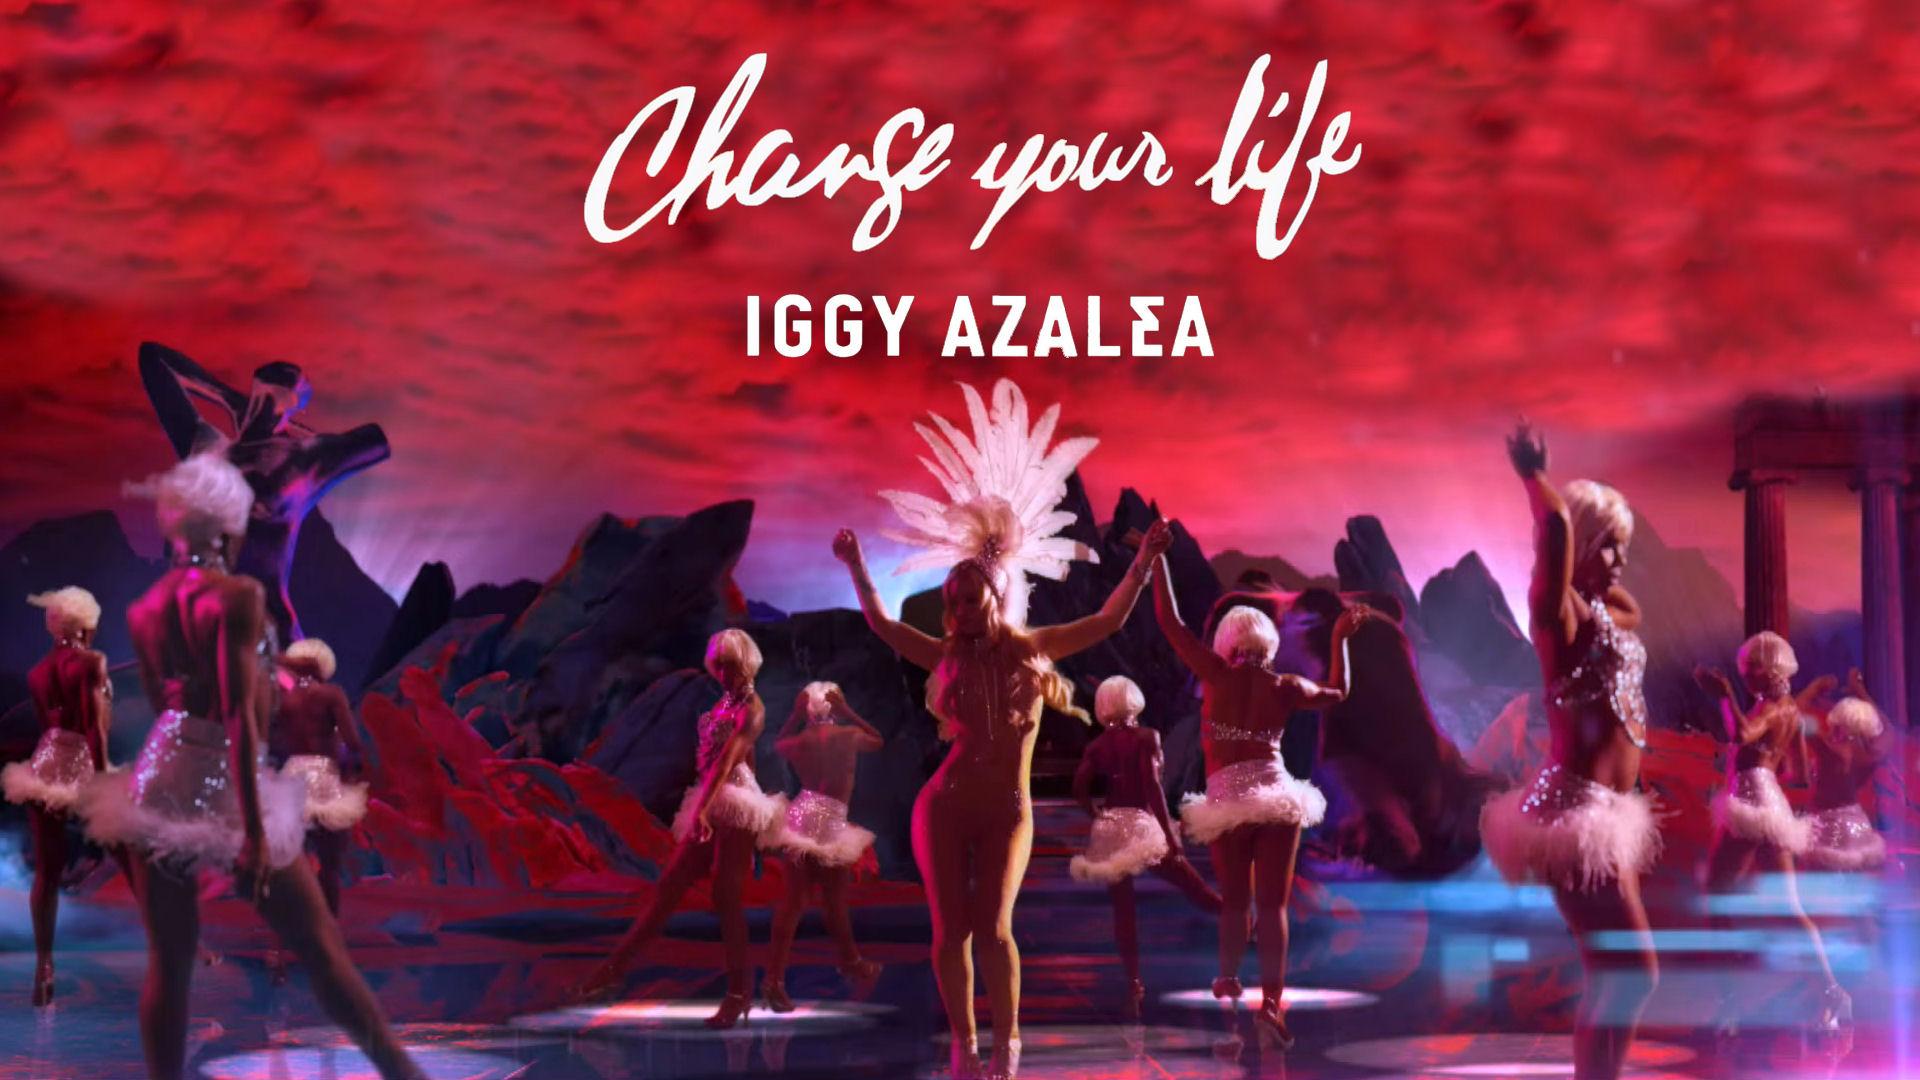 iggy azalea change your life makeup - photo #27